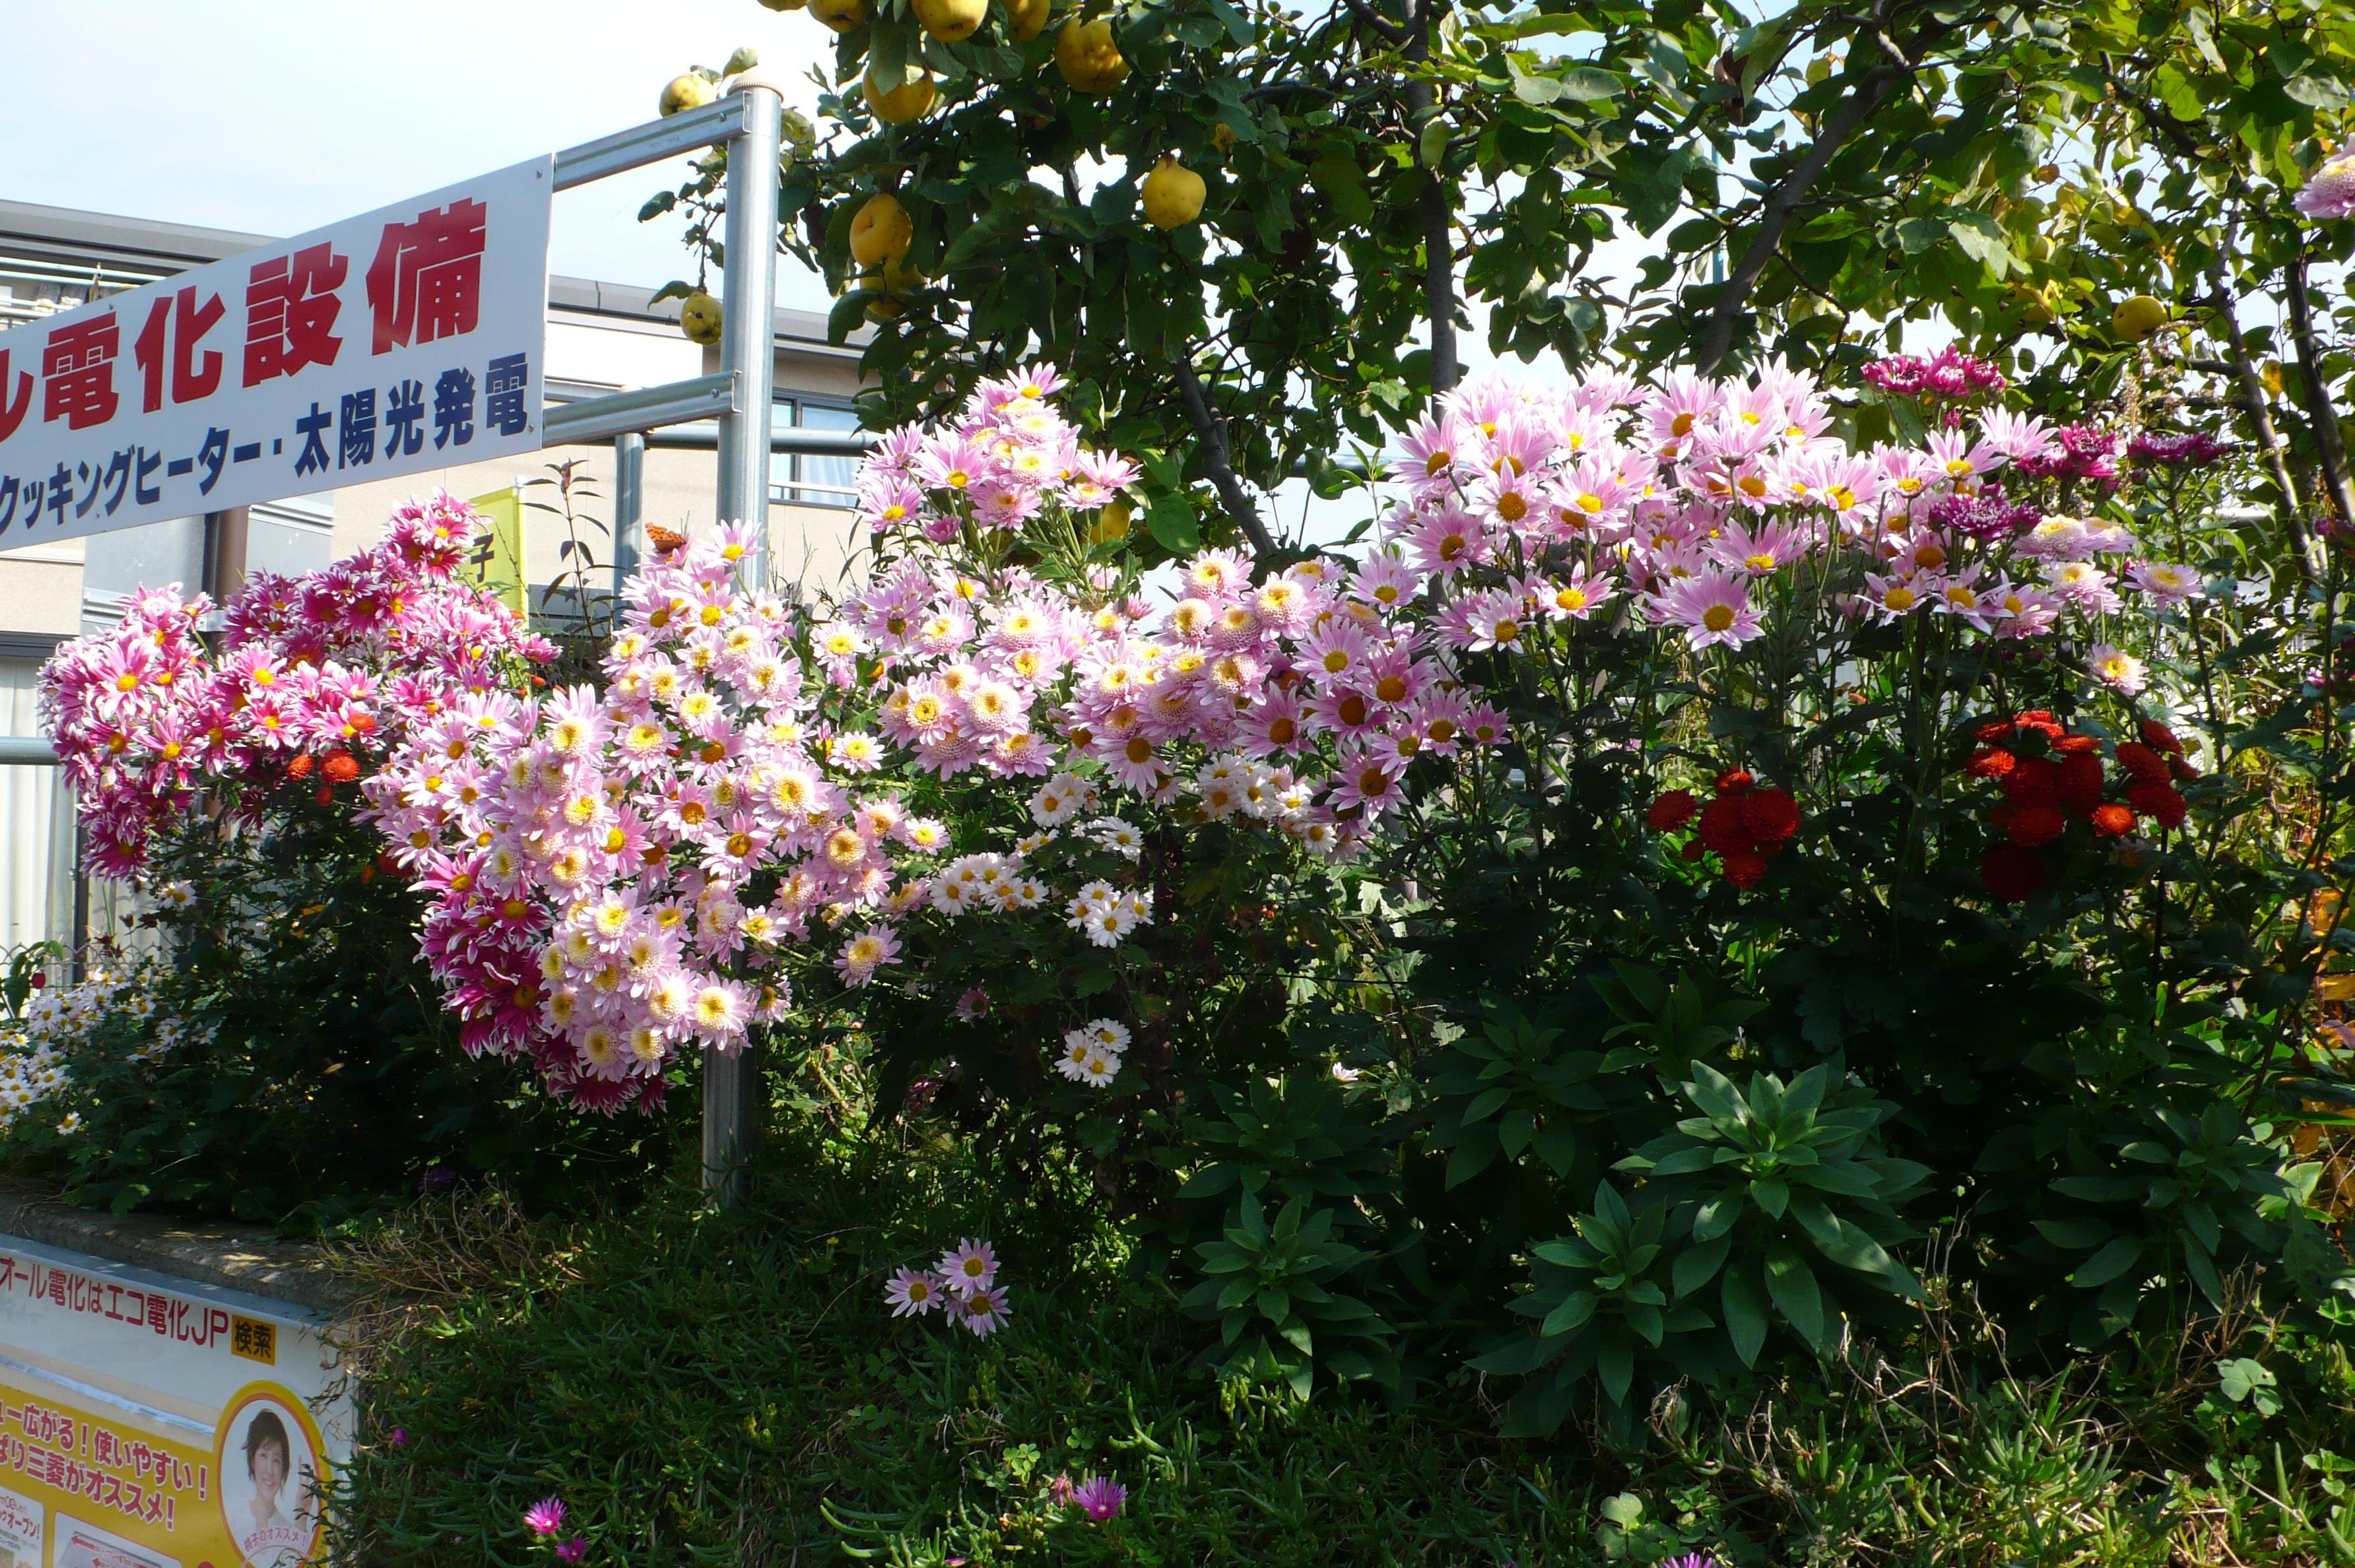 菊の花がいっぱい咲いています。